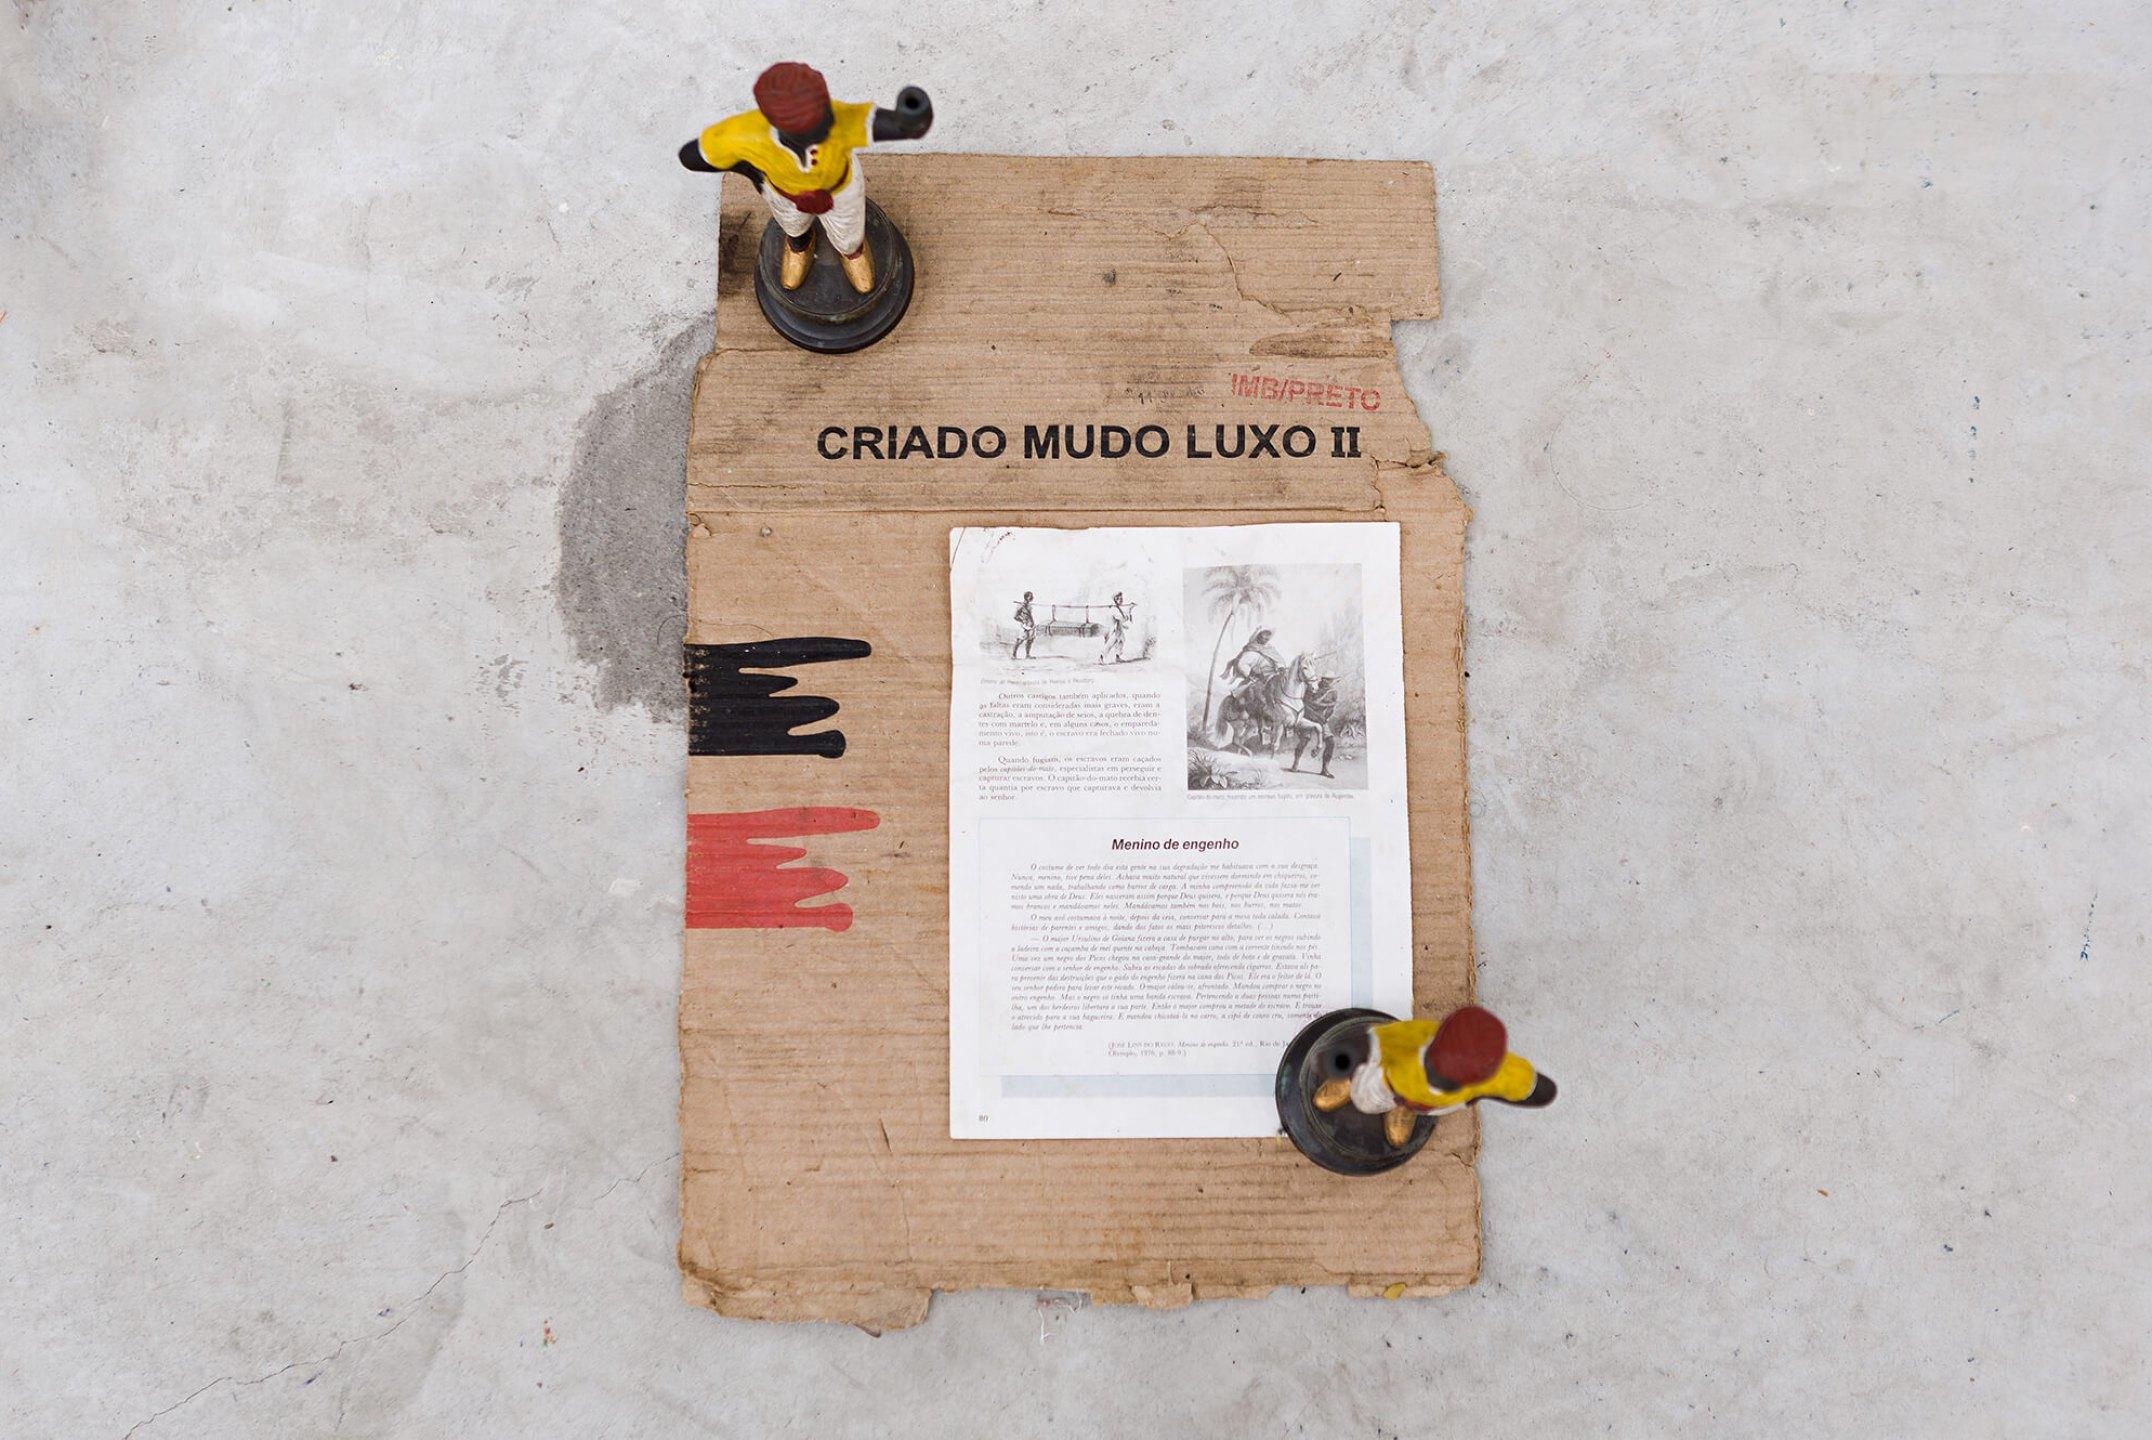 Paulo Nazareth, <em>CA - criado mudo,</em>&nbsp;2013, bronze sculptures, cardboard and paper, 51 × 34 × 24 cm<br> - Mendes Wood DM